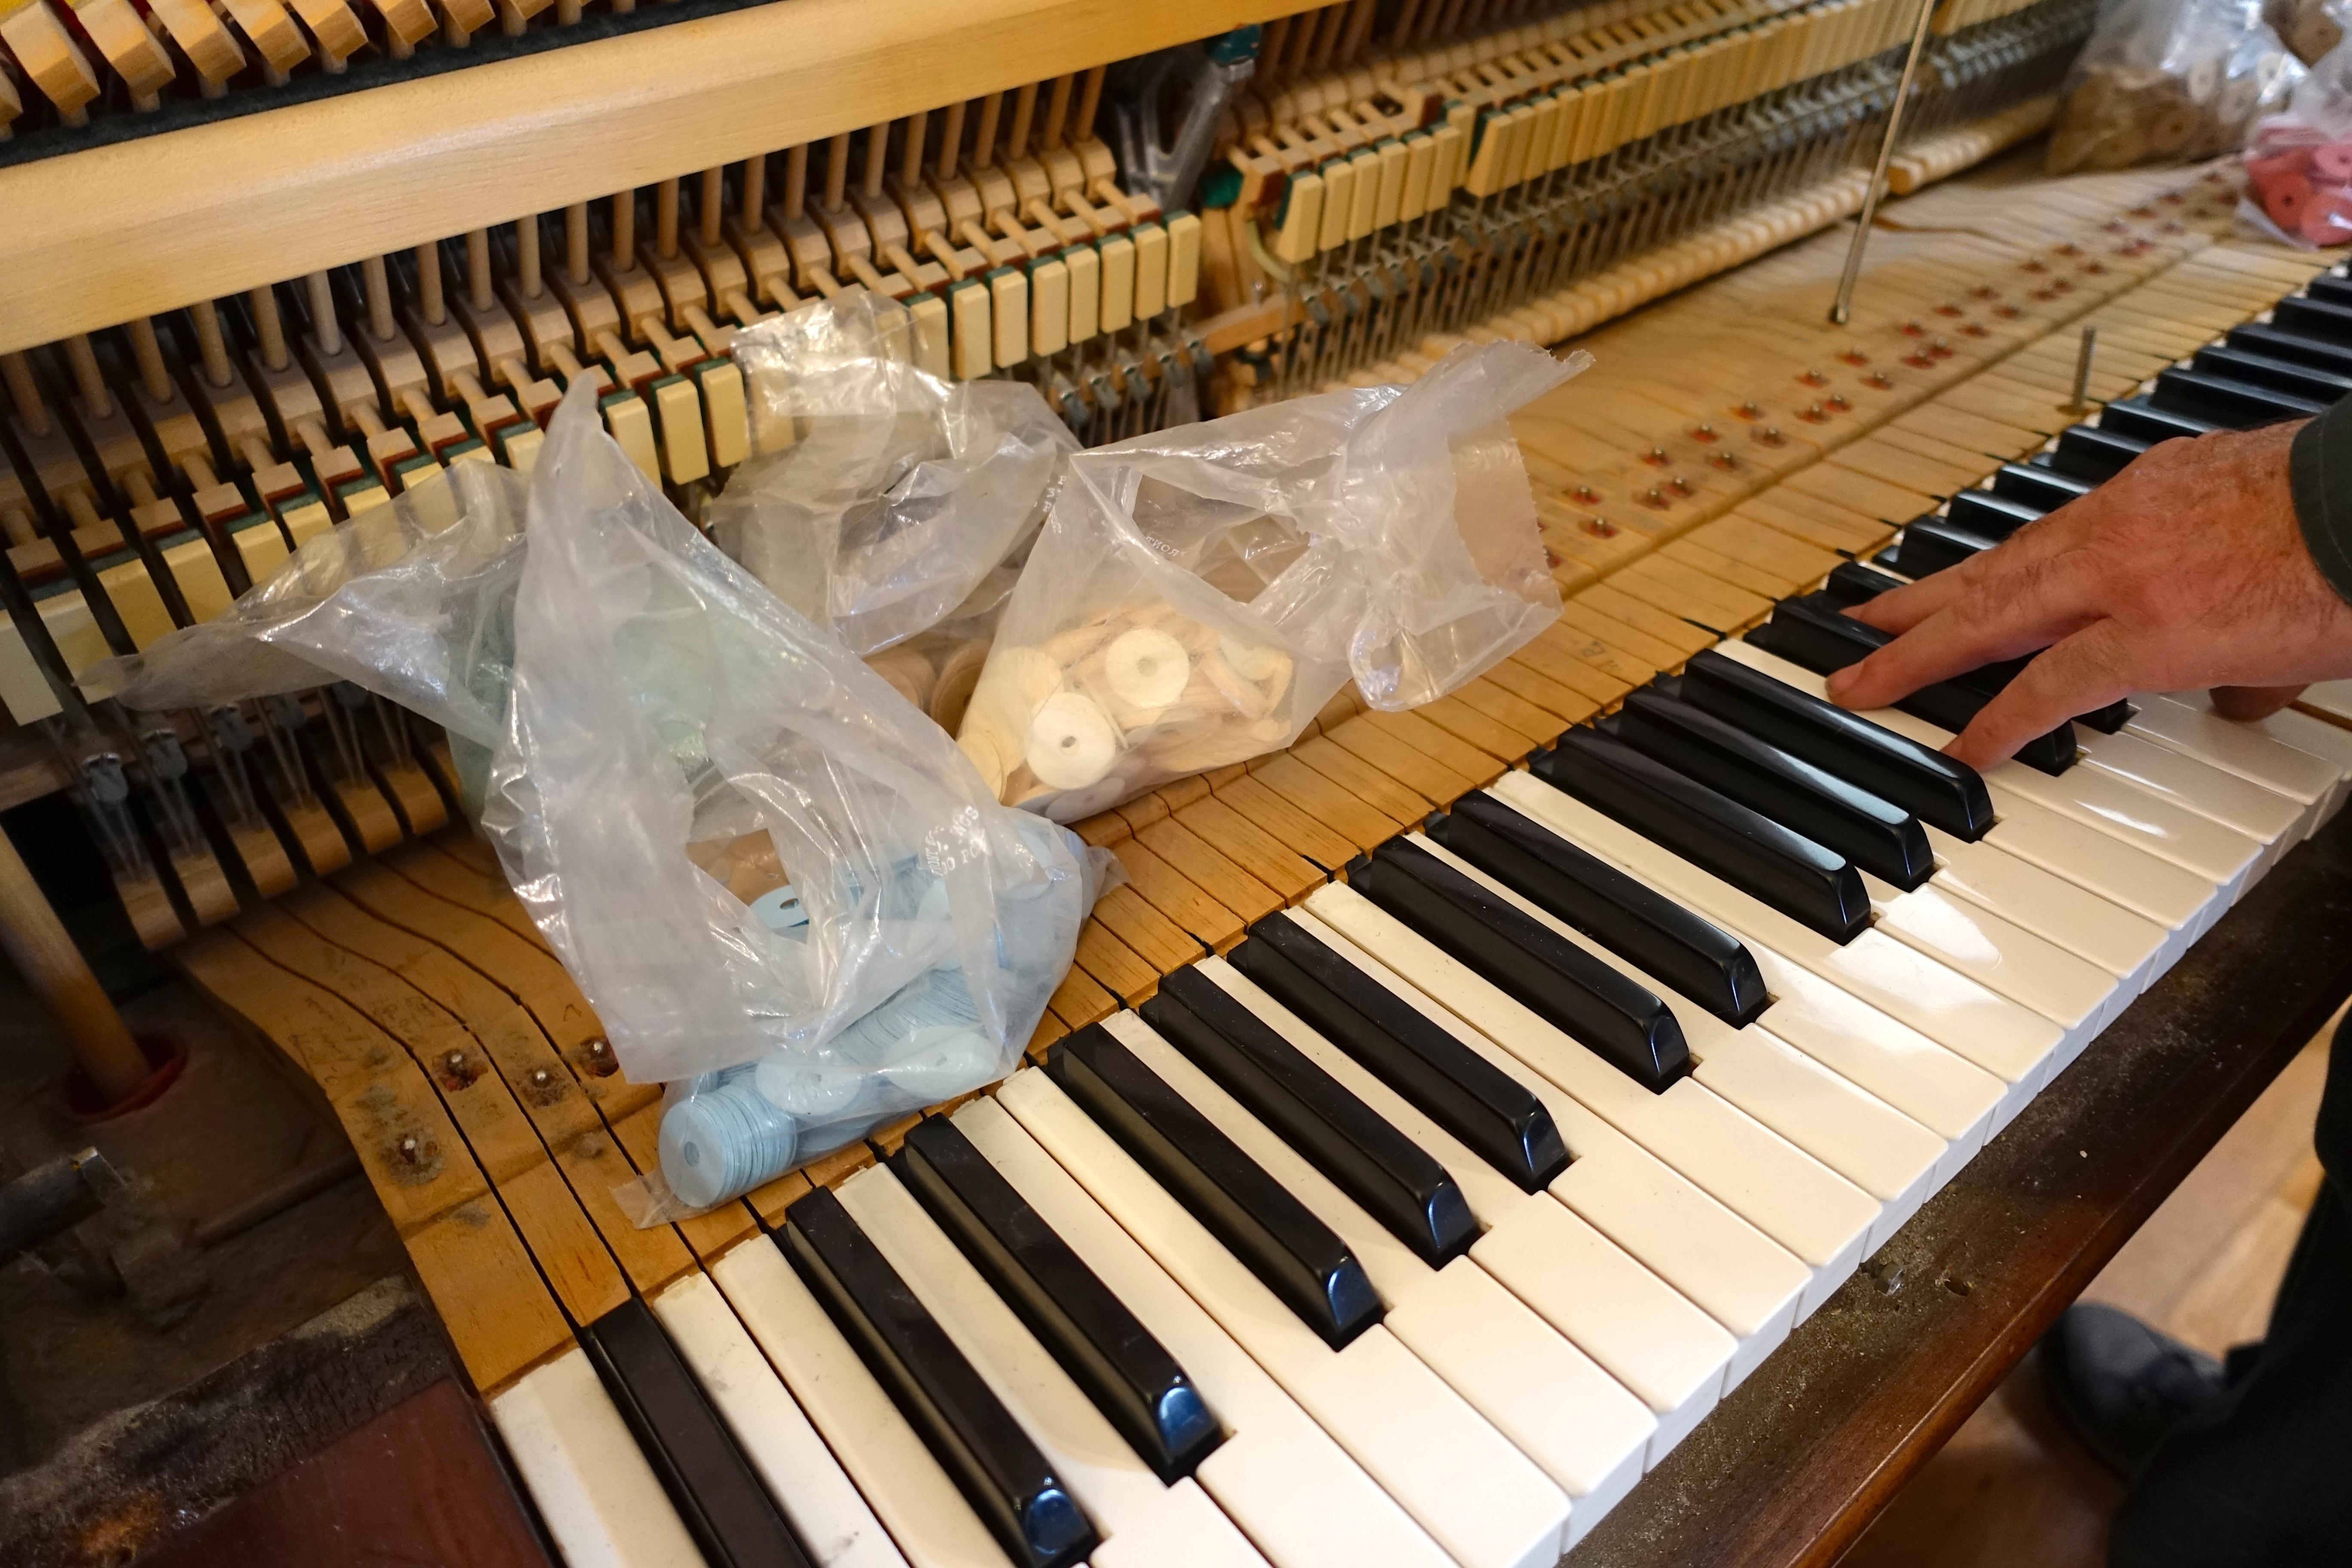 Piano. Action repair